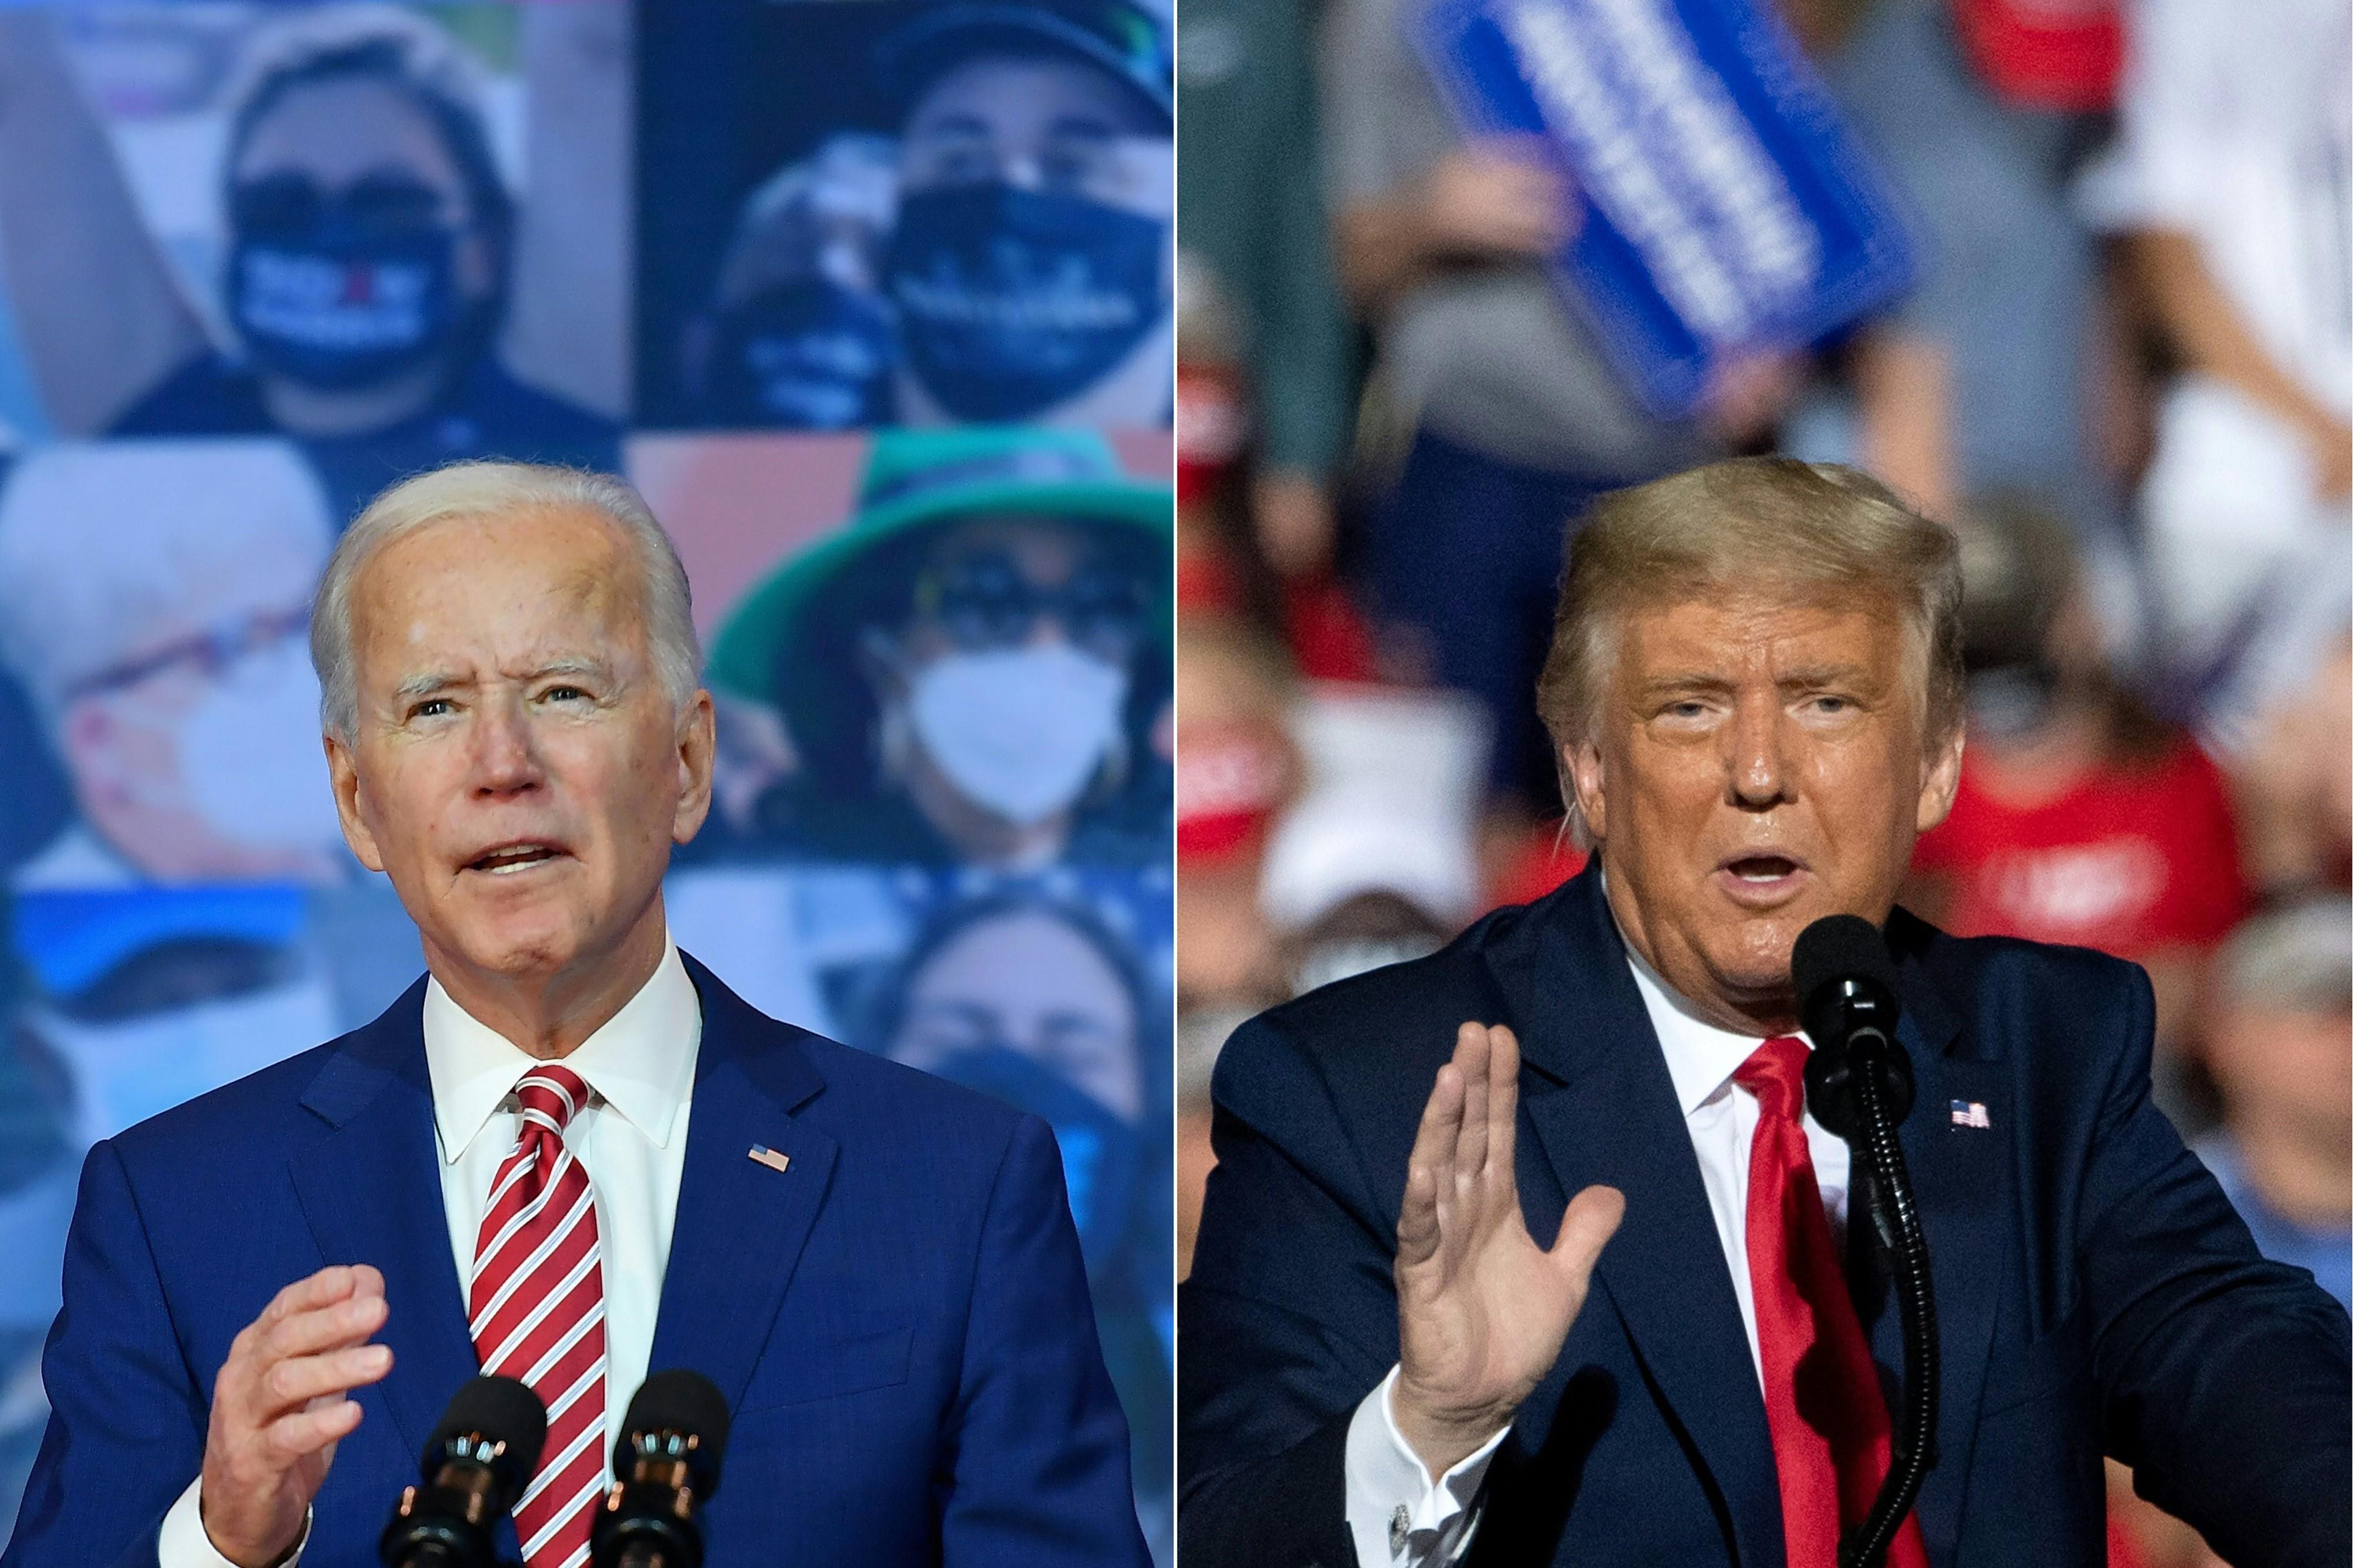 Đương kim Tổng thống Mỹ Donald Trump (phải) trong cuộc vận động tranh cử ở Gastonia, North Carolina ngày 21/10/2020 và ứng viên Tổng thống của Đảng Dân chủ Joe Biden phát biểu tại Wilmington, Delaware ngày 23/10/2020. (Nguồn: AFP/TTXVN)